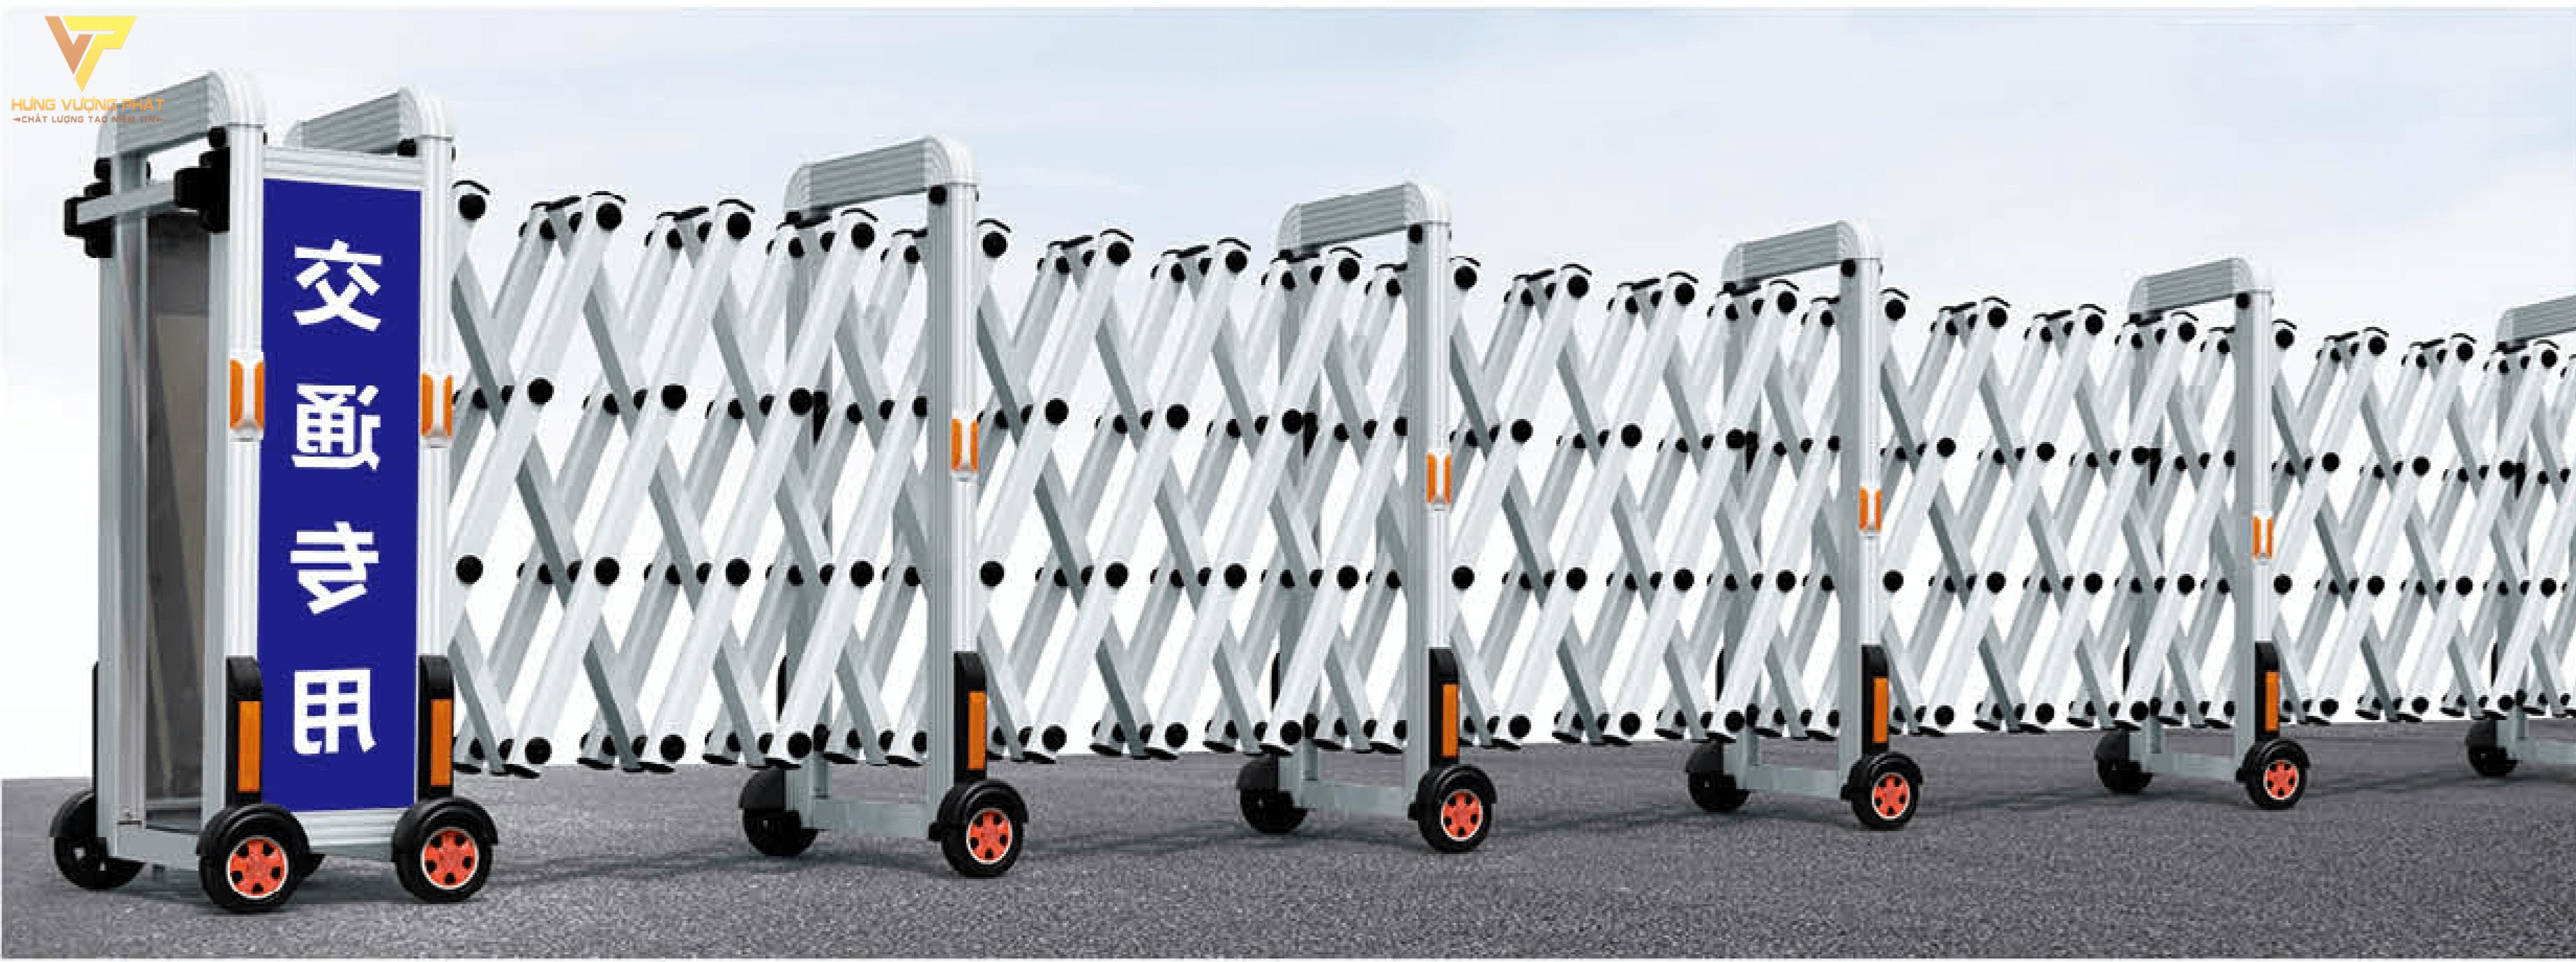 Cổng xếp inox chạy điện tự động HI67